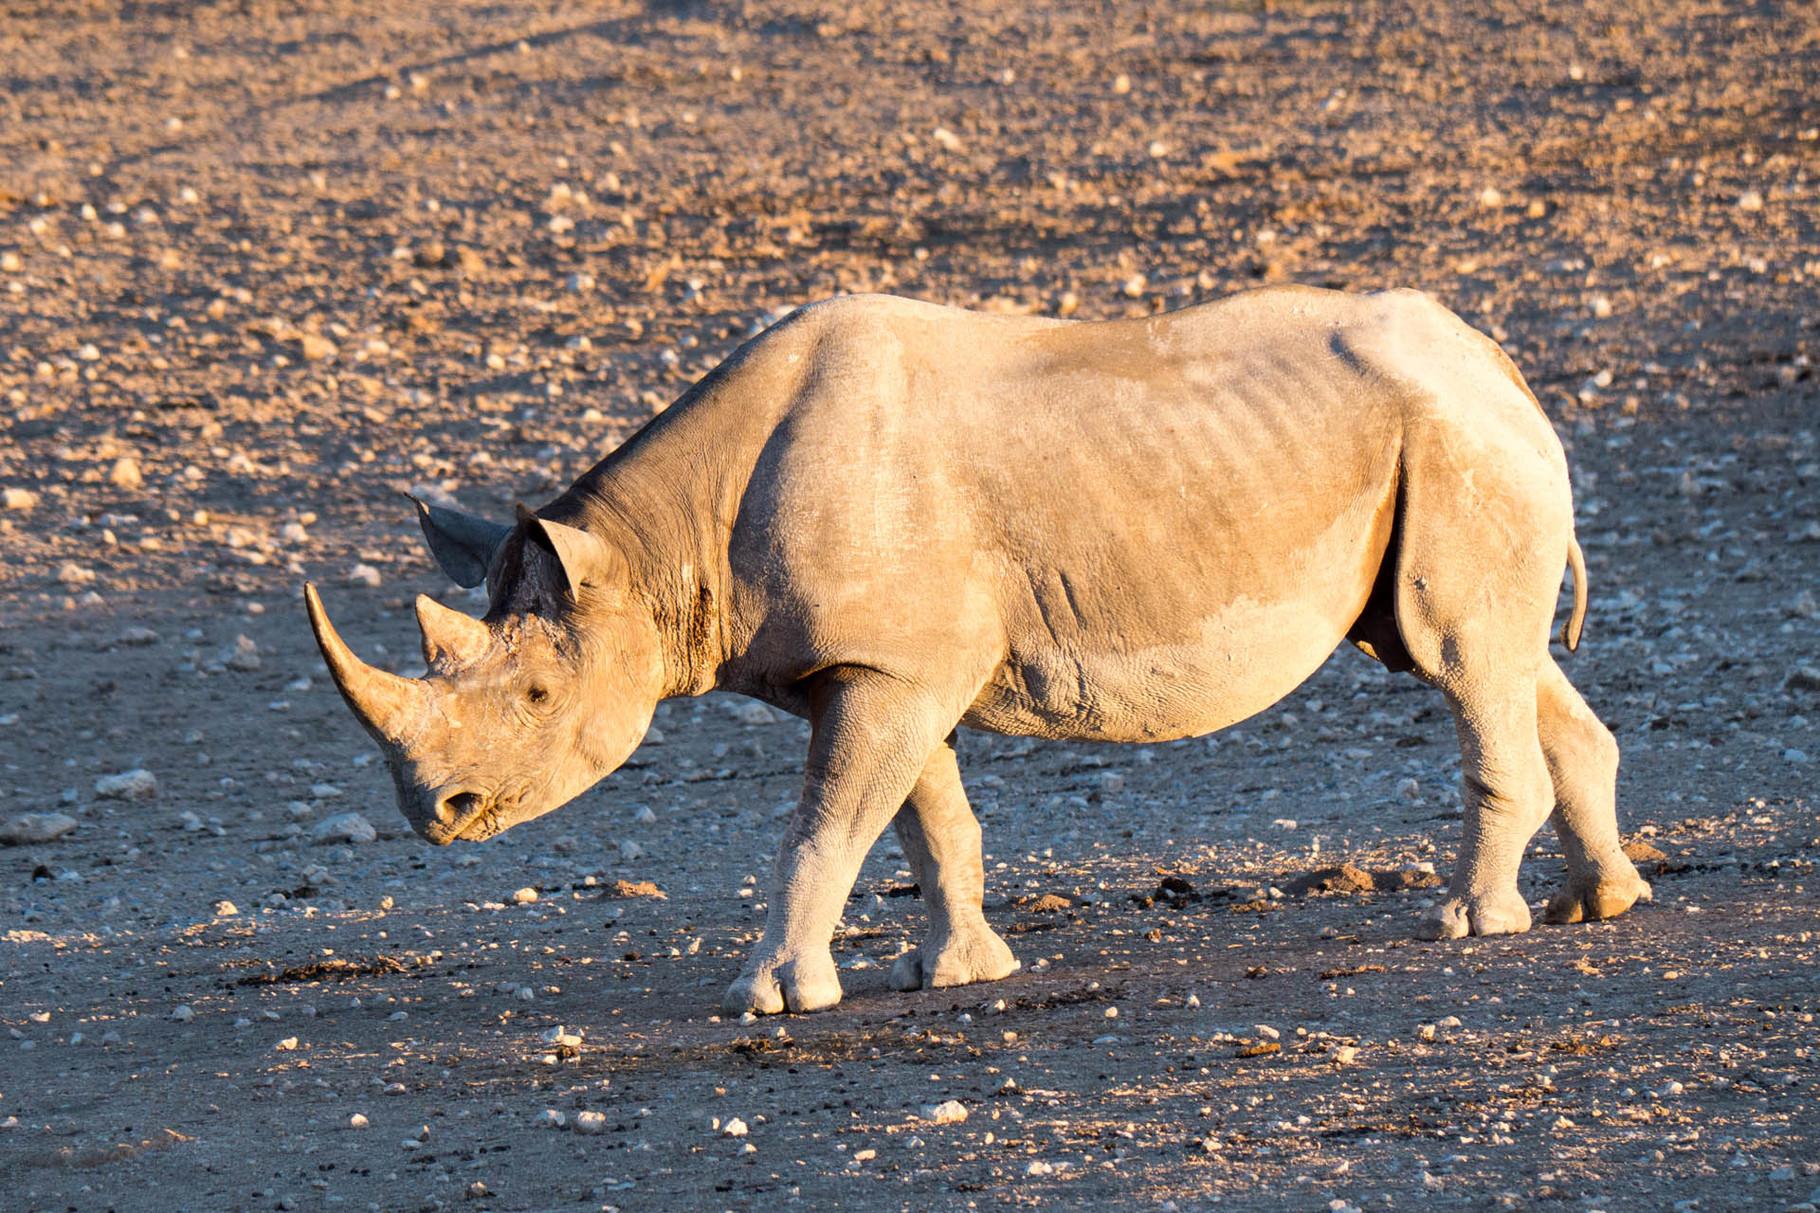 Rhino [Etosha Park, Namibia, 2015]